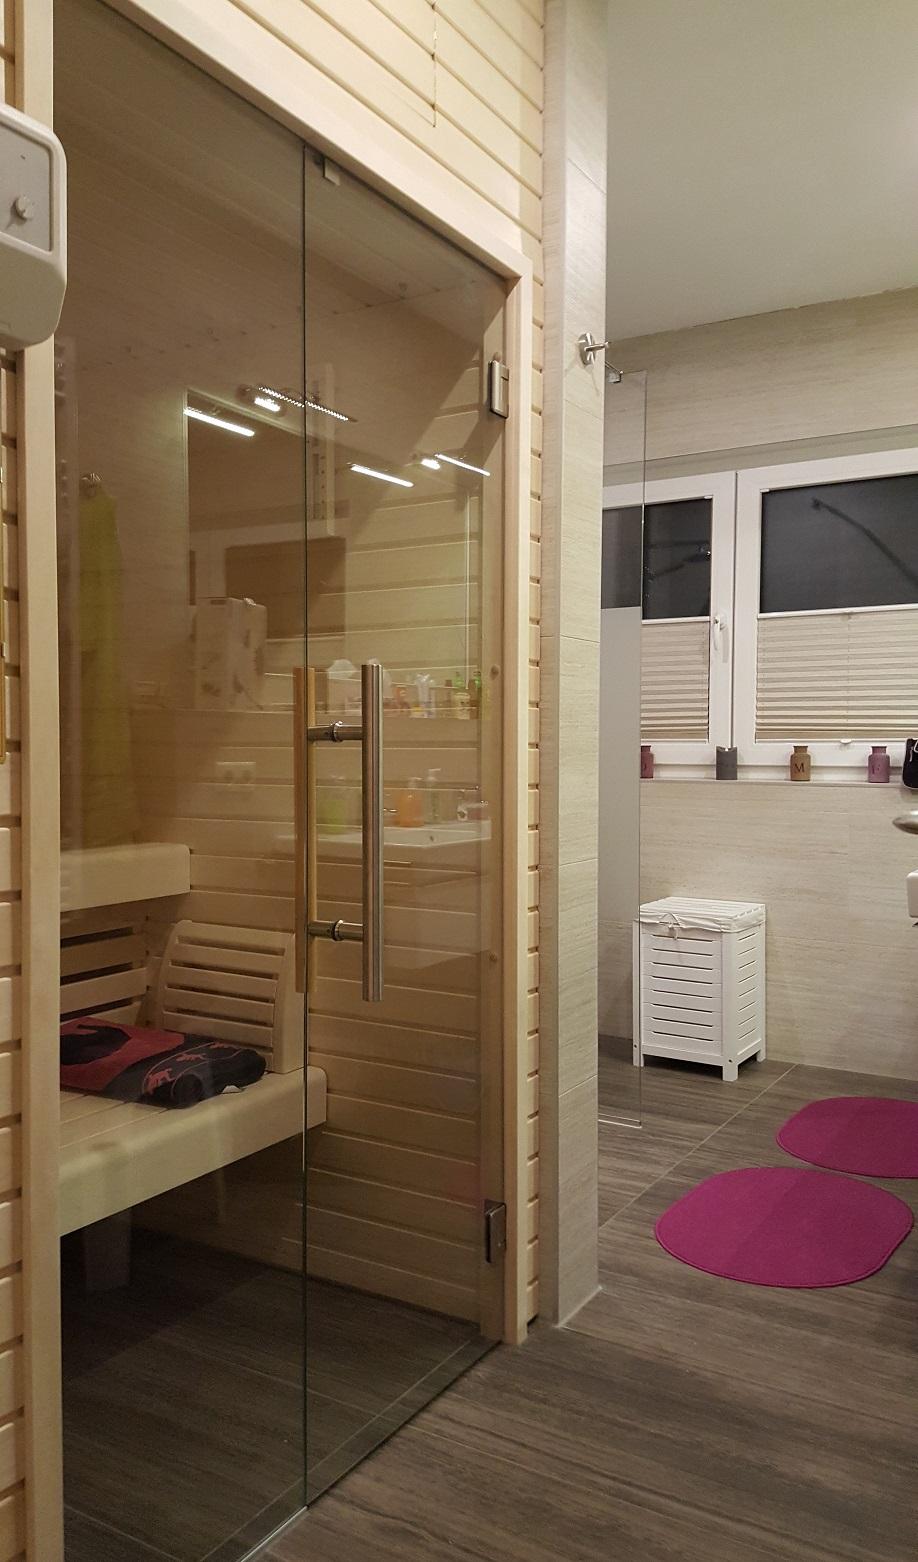 bad mit sauna gro e wohnung haus kliffblick. Black Bedroom Furniture Sets. Home Design Ideas